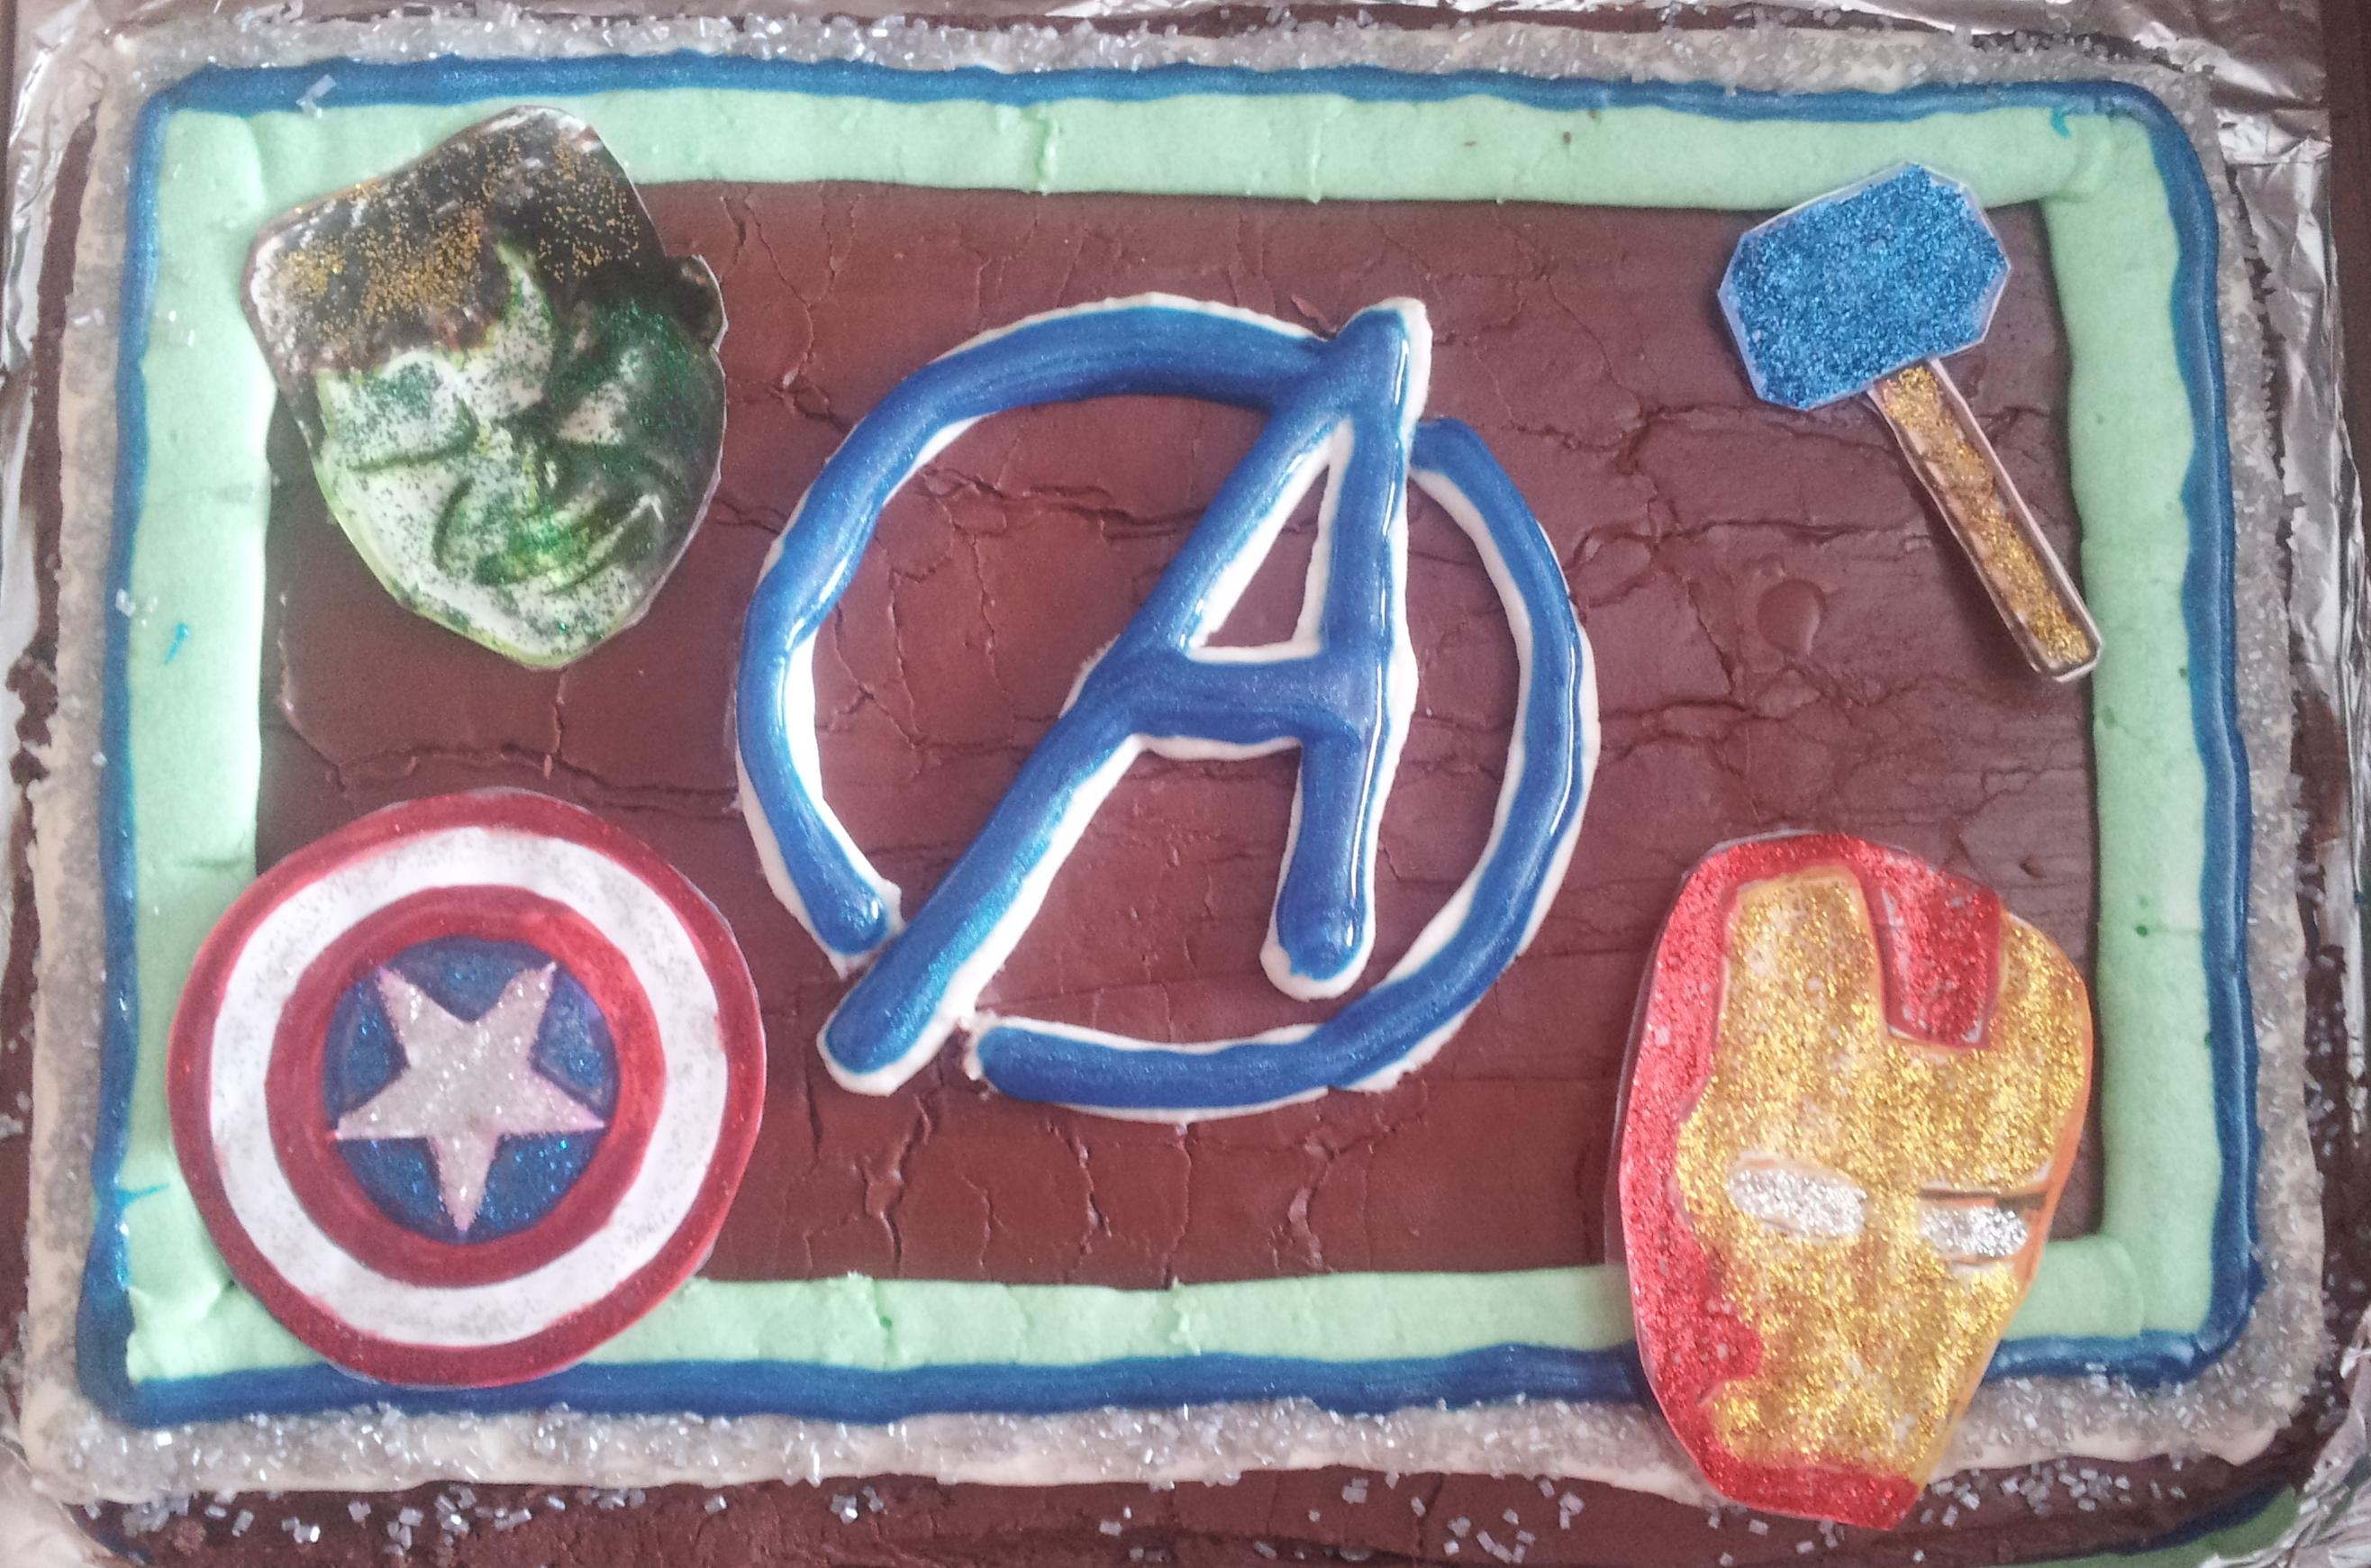 Easy Avengers Birthday Cake with Carvel Crunchie Center Burnt Apple